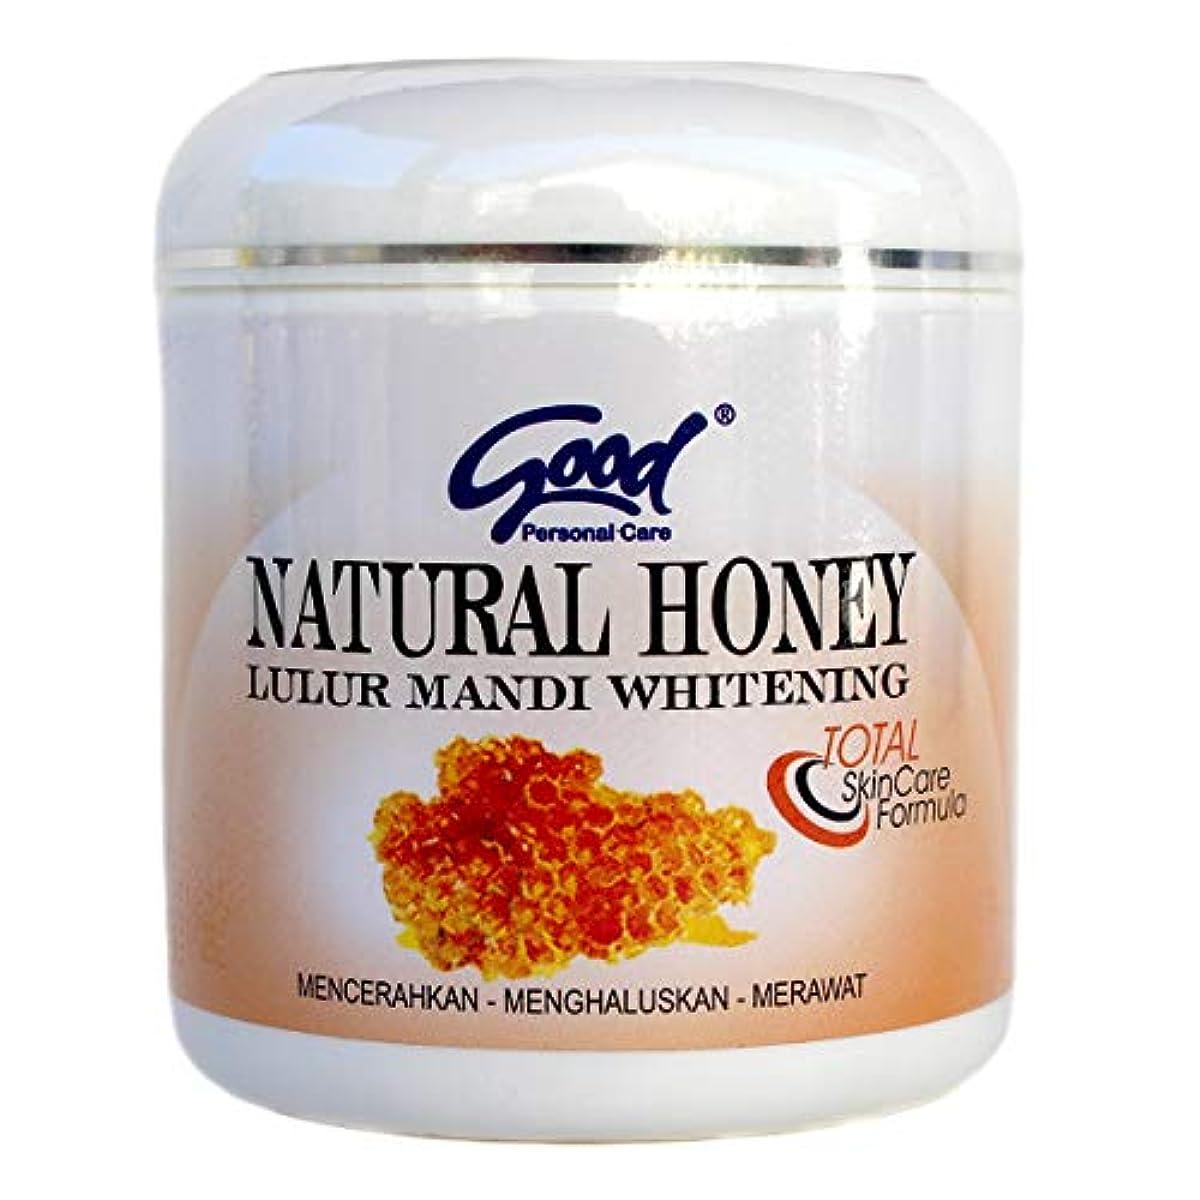 オリエンテーションまっすぐにする誓約good グッド インドネシアバリ島の伝統的なボディスクラブ Lulur Mandi マンディルルール 200g Natural Honey ナチュラルハニー [海外直送品]